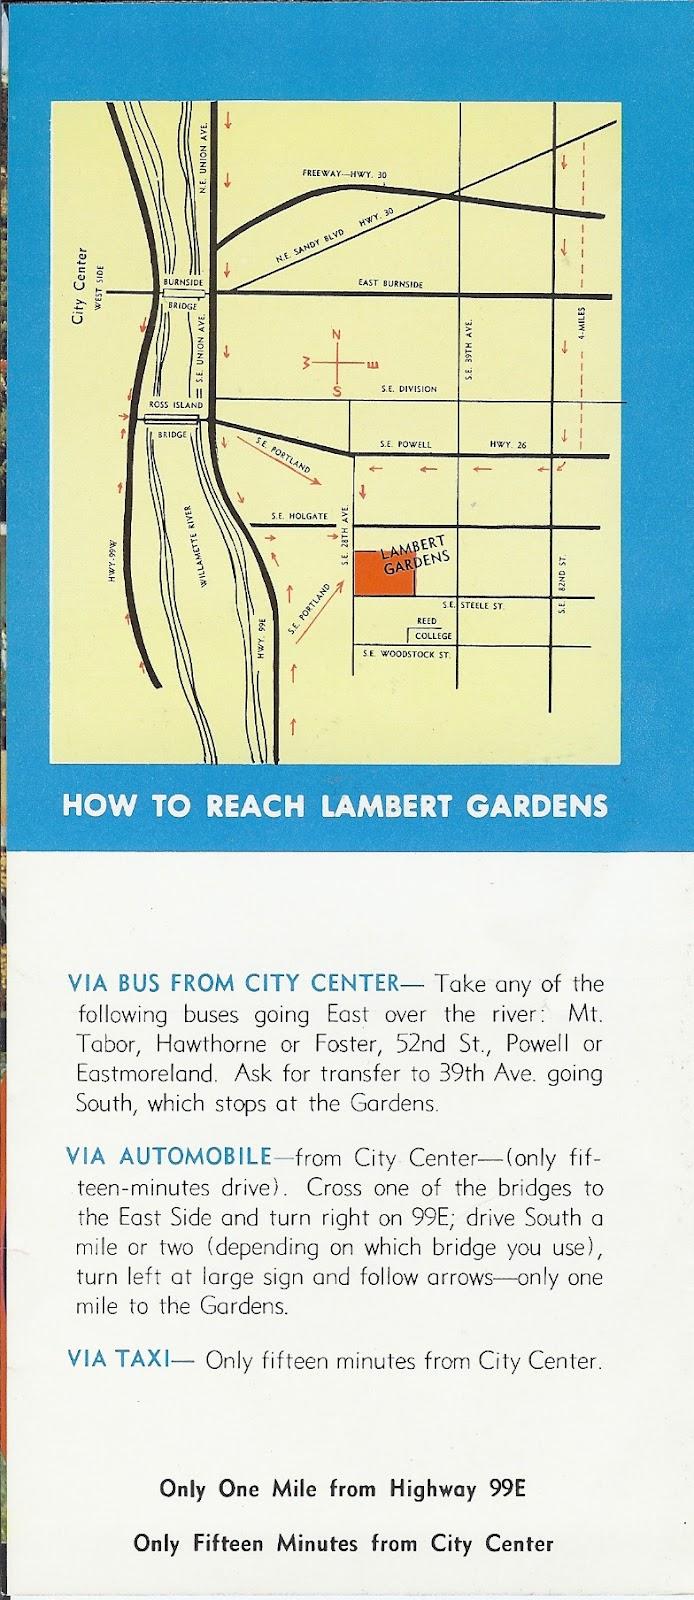 beech street gardens  lambert gardens late 20 u0026 39 s to 1968